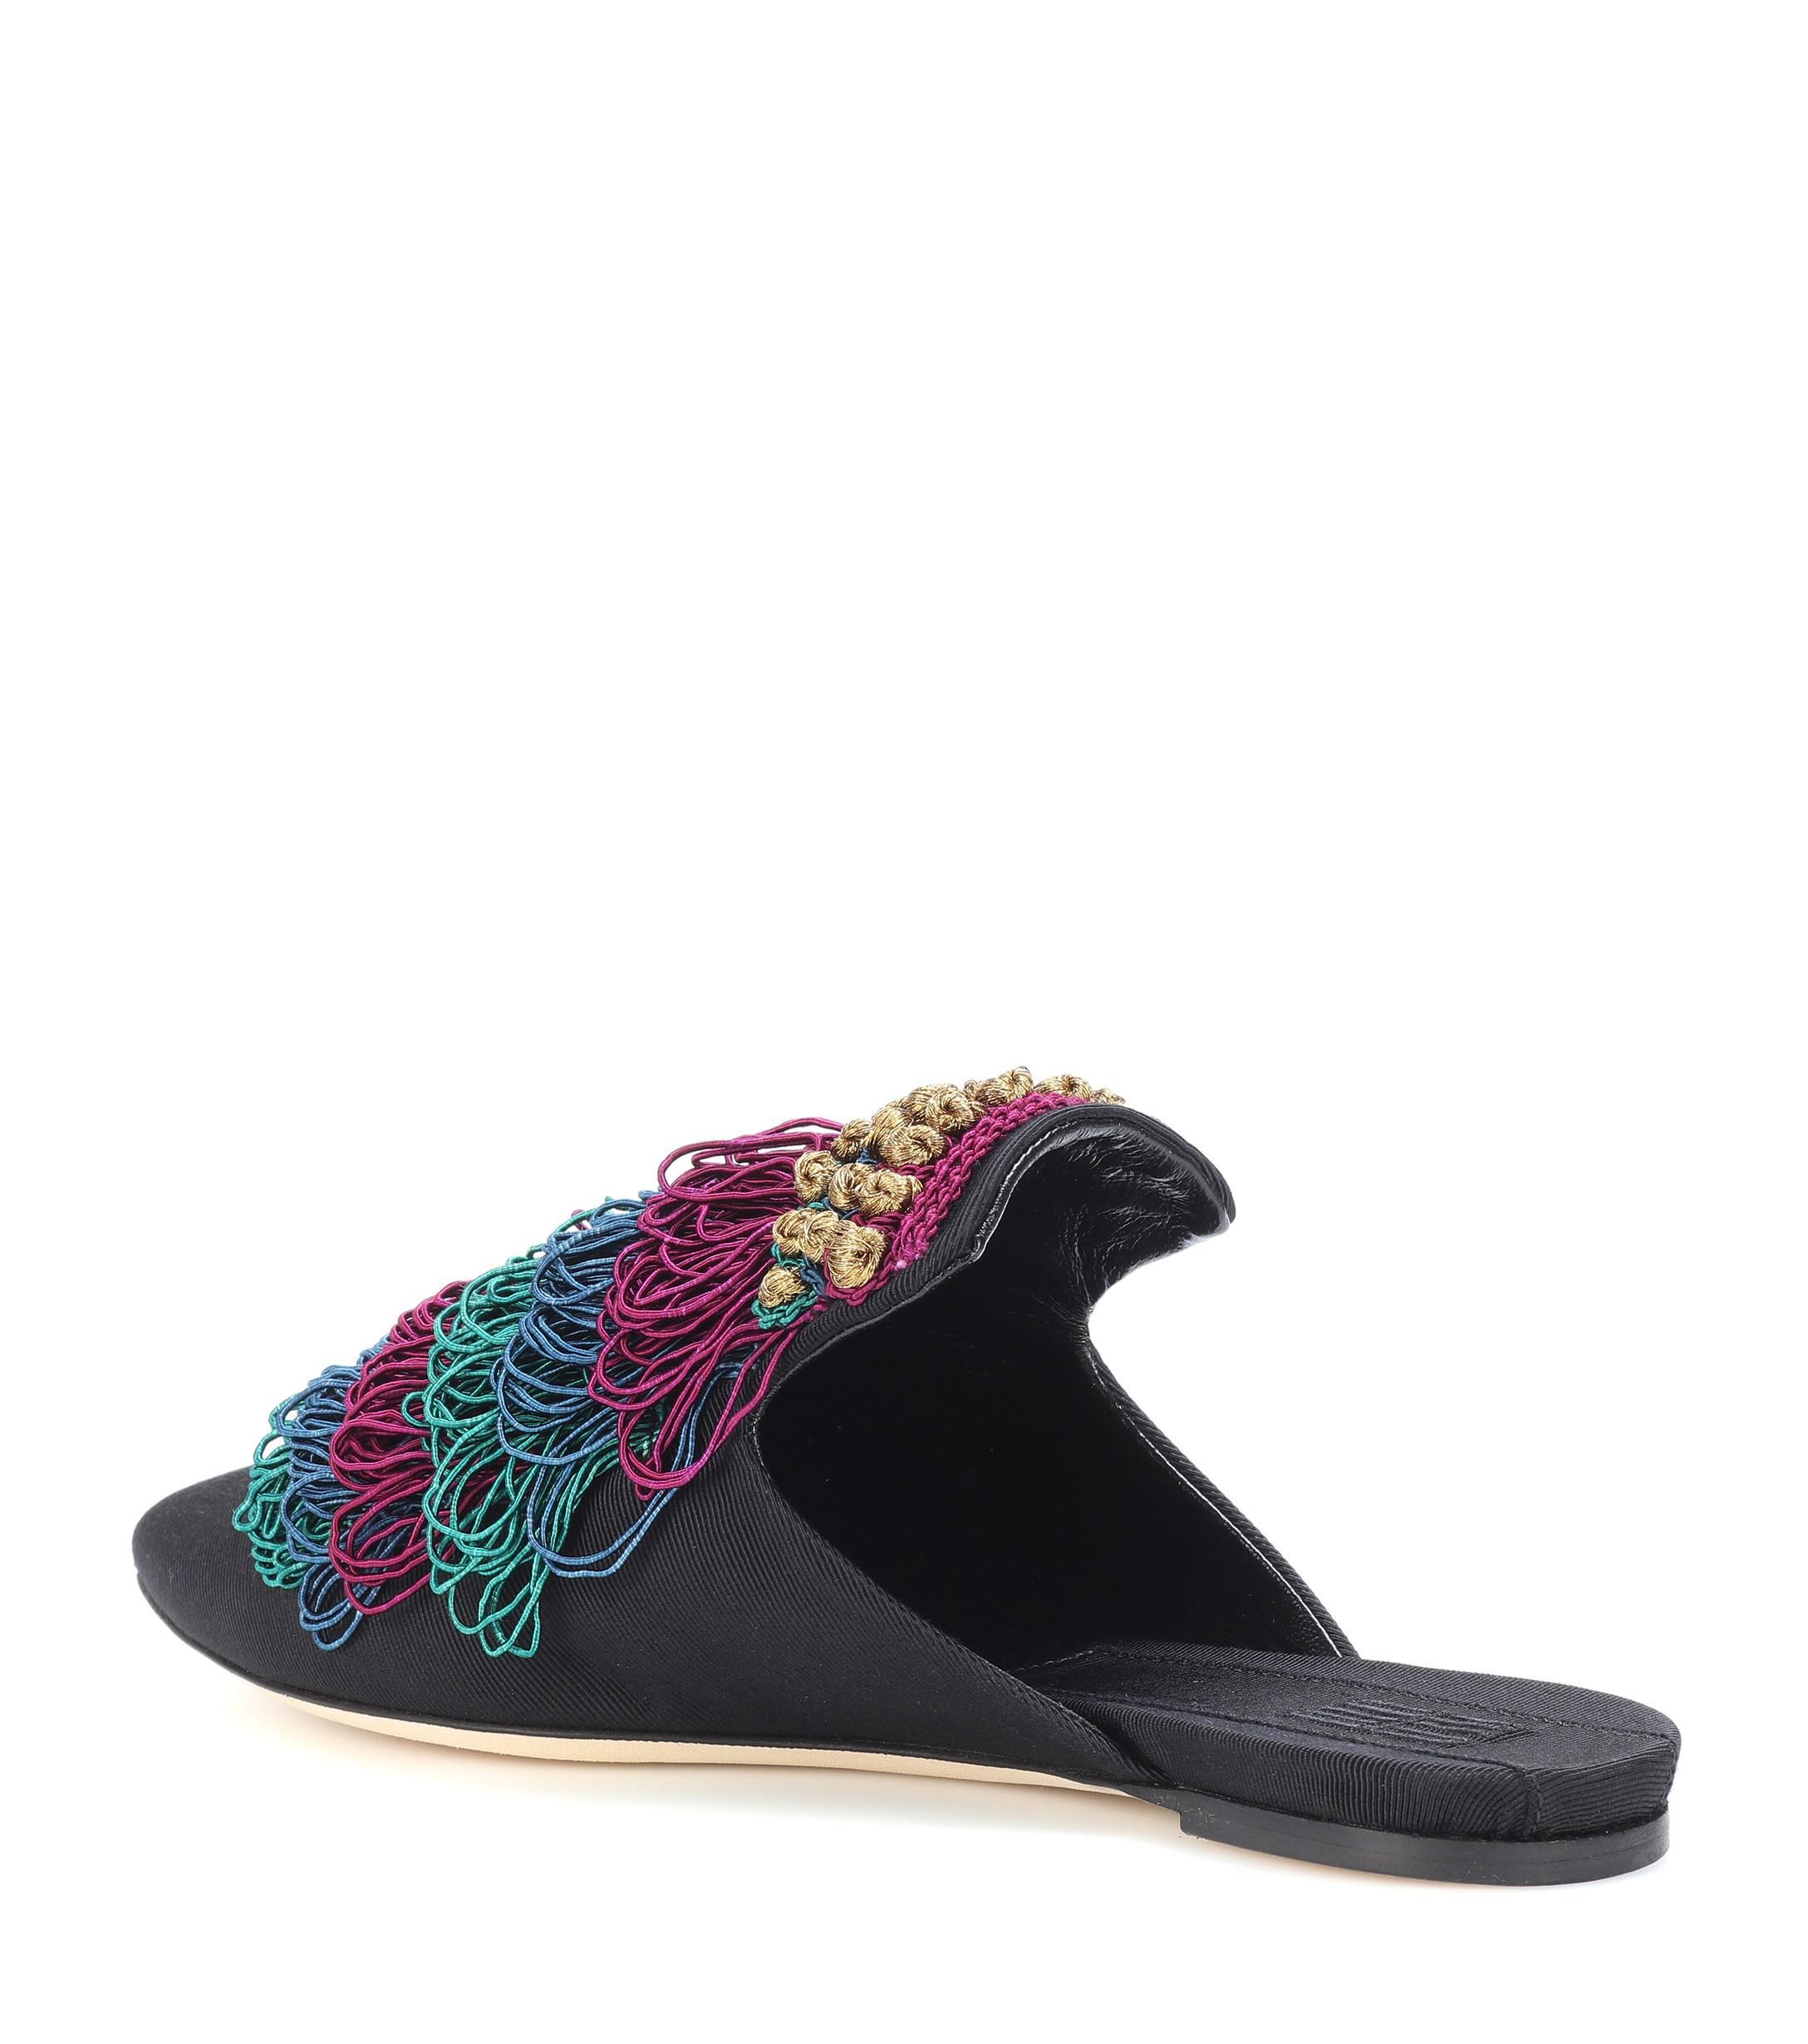 Slippers Alegra con adornos Sanayi 313 de color Negro